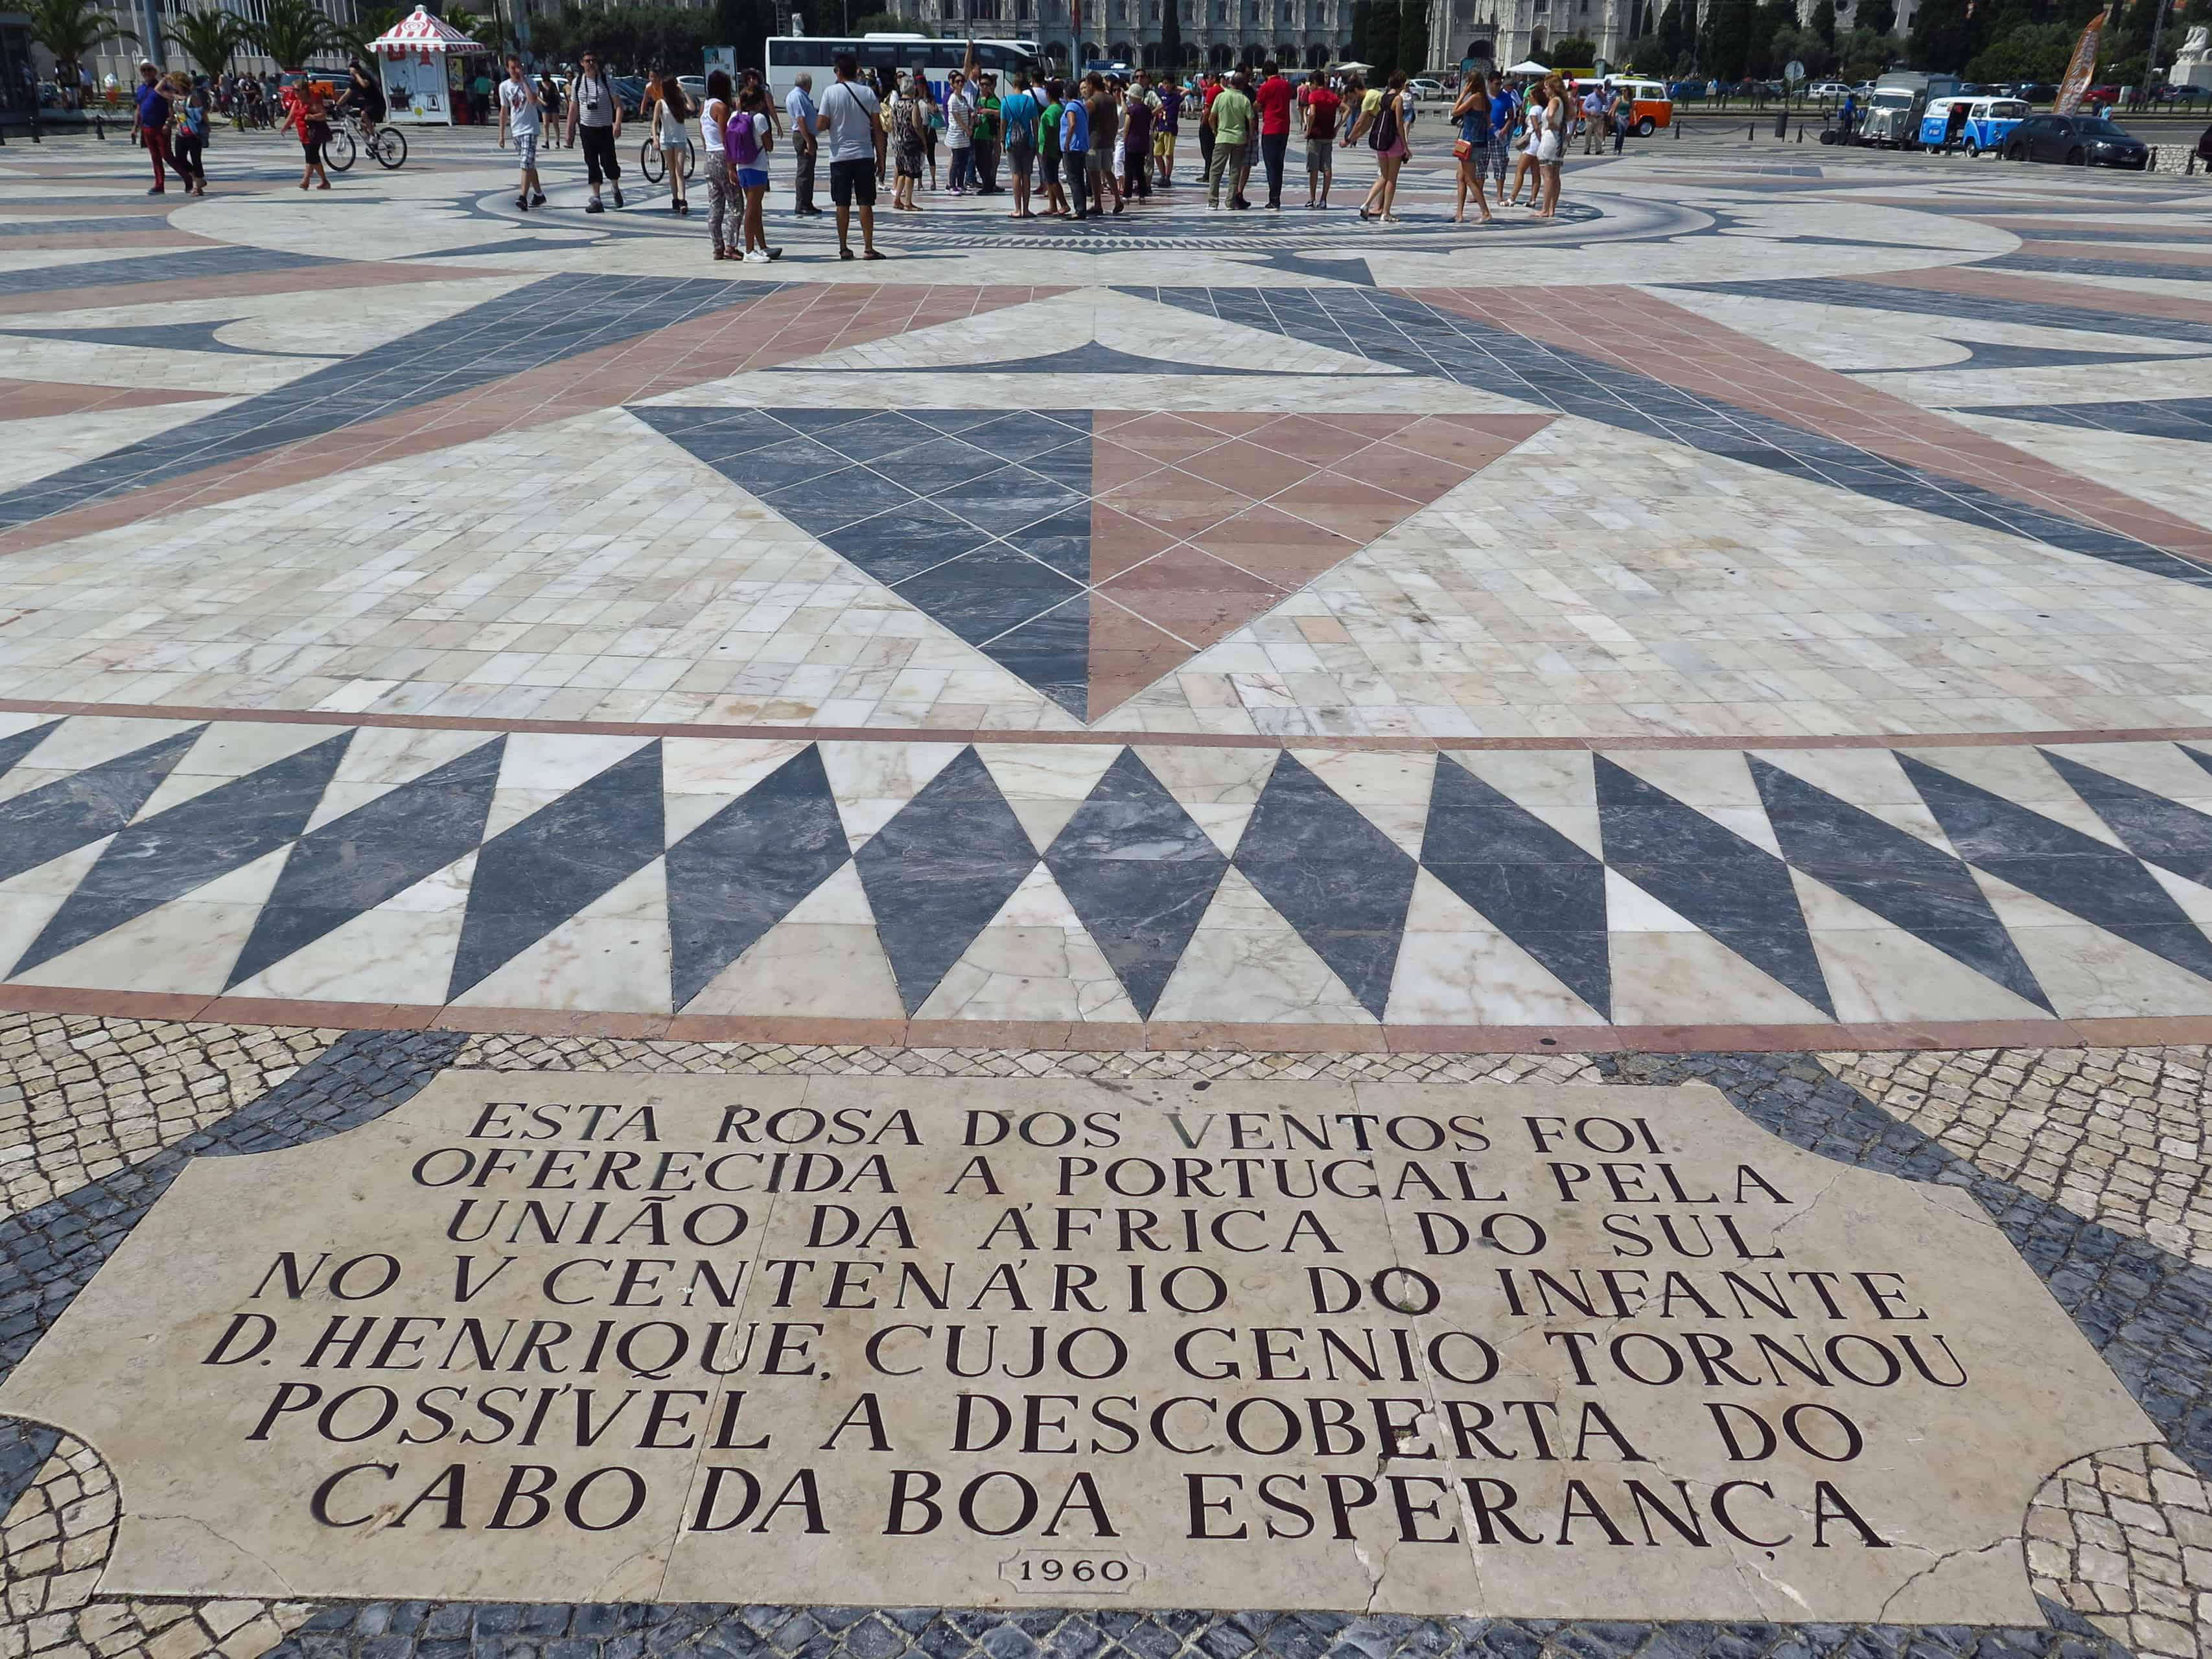 Calçada em frente do monumento.